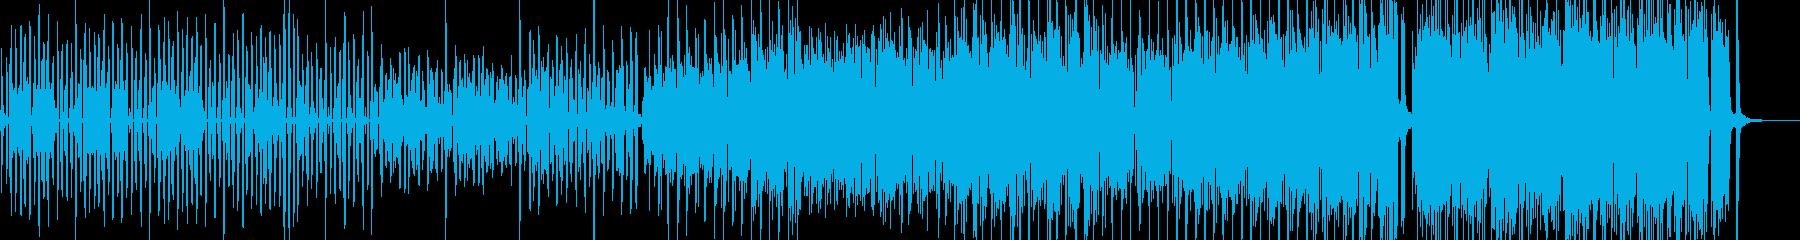 赤面!コミカルシンセポップ Bの再生済みの波形